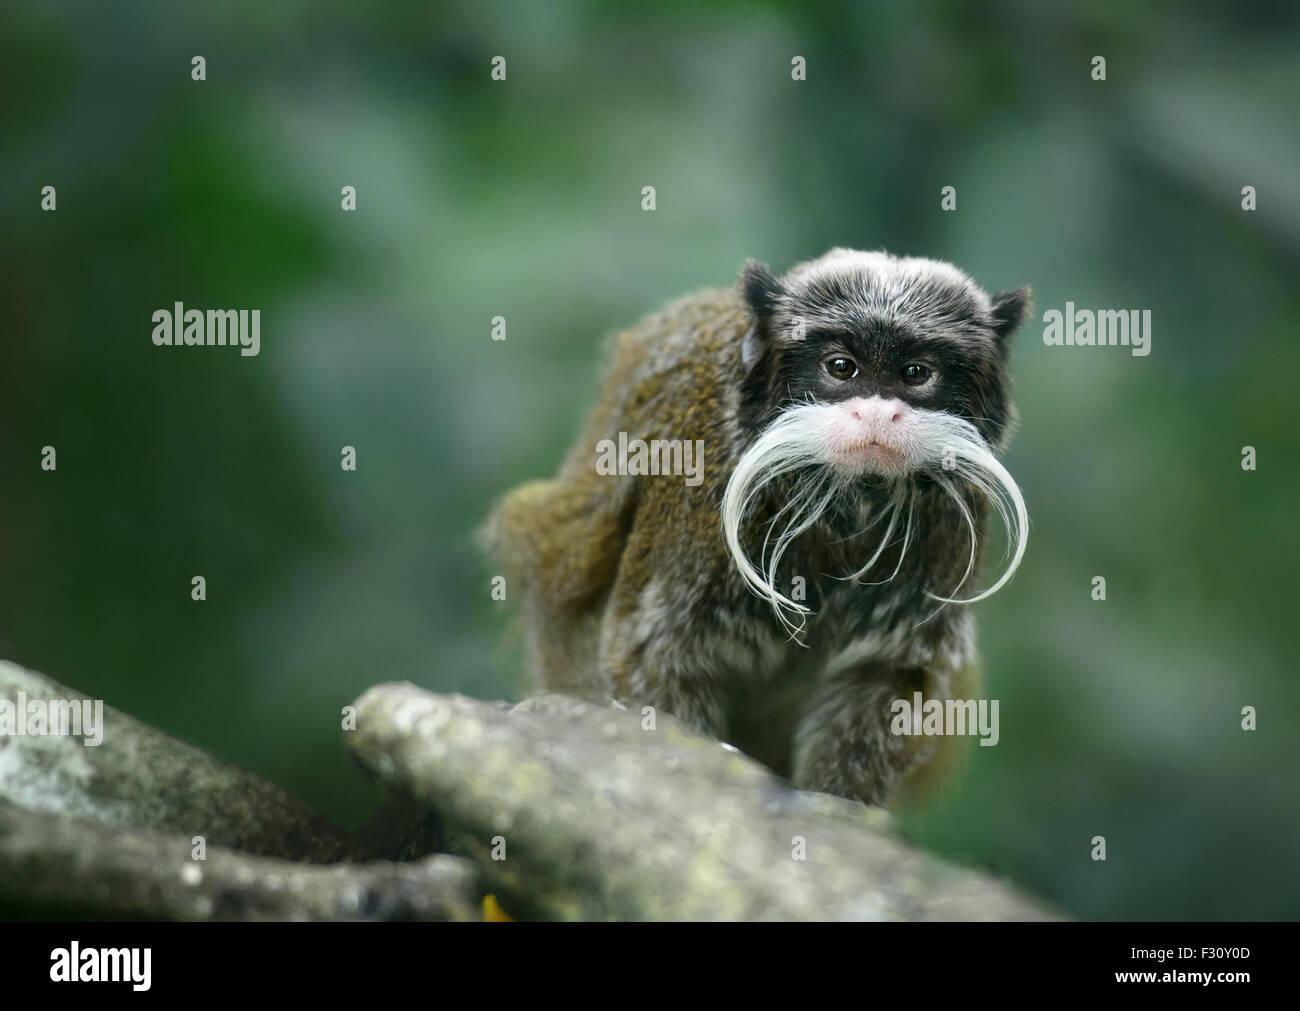 L'imperatore tamarin monkey divertente con i baffi Immagini Stock